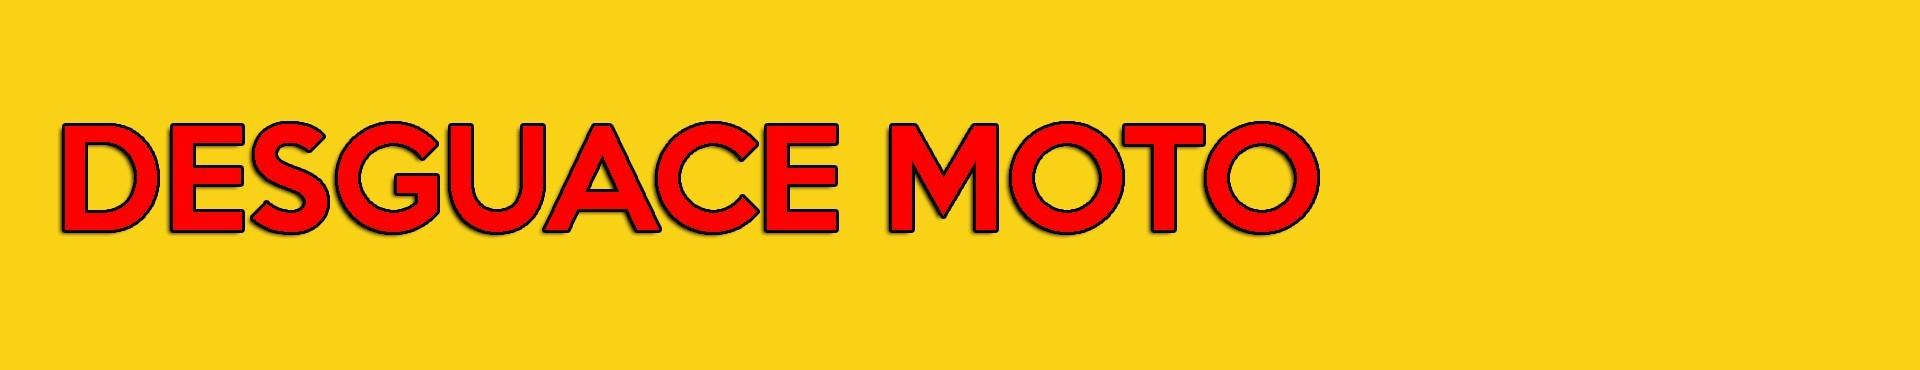 Encuentra la pieza que necesitas para tu moto. Despiece de moto.